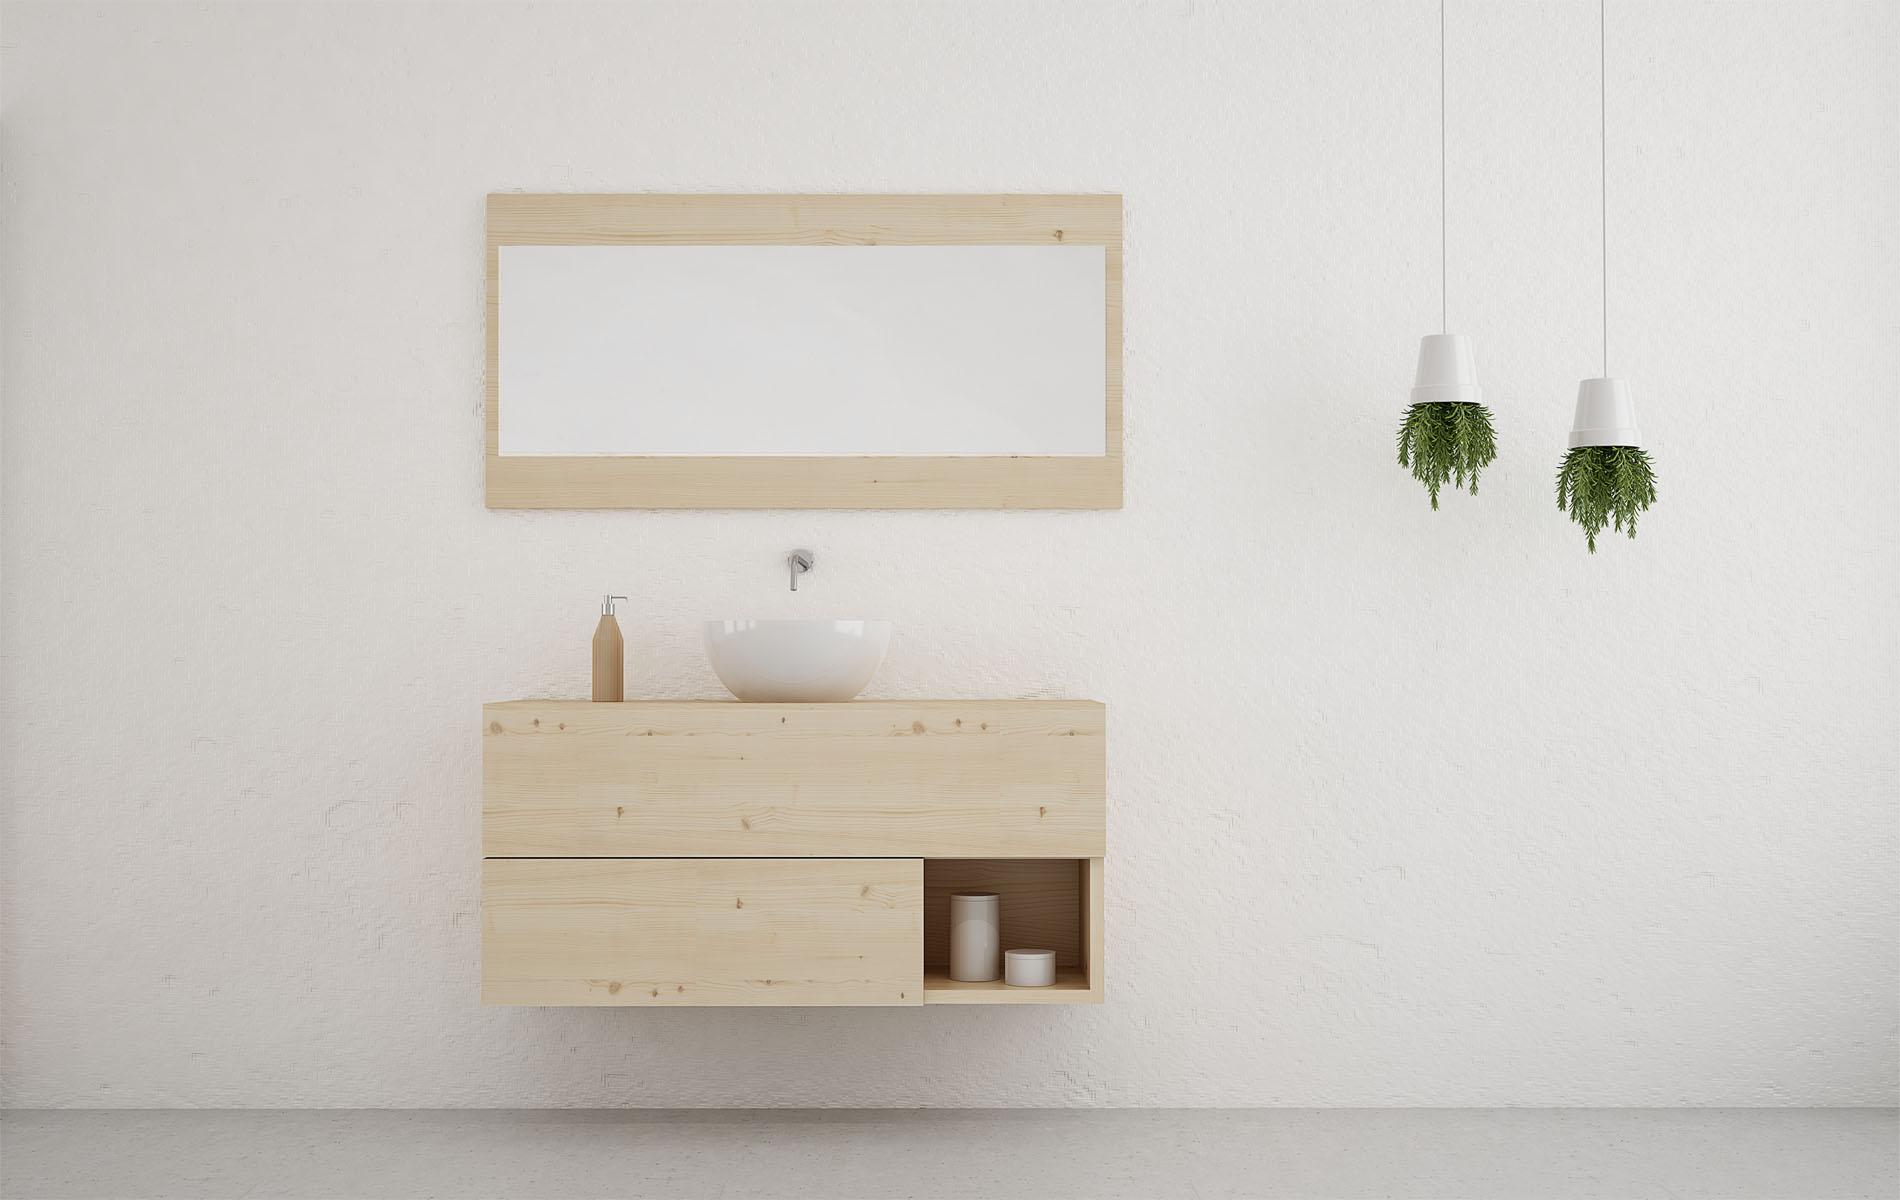 Mueble de baño moderno en madera con cajones